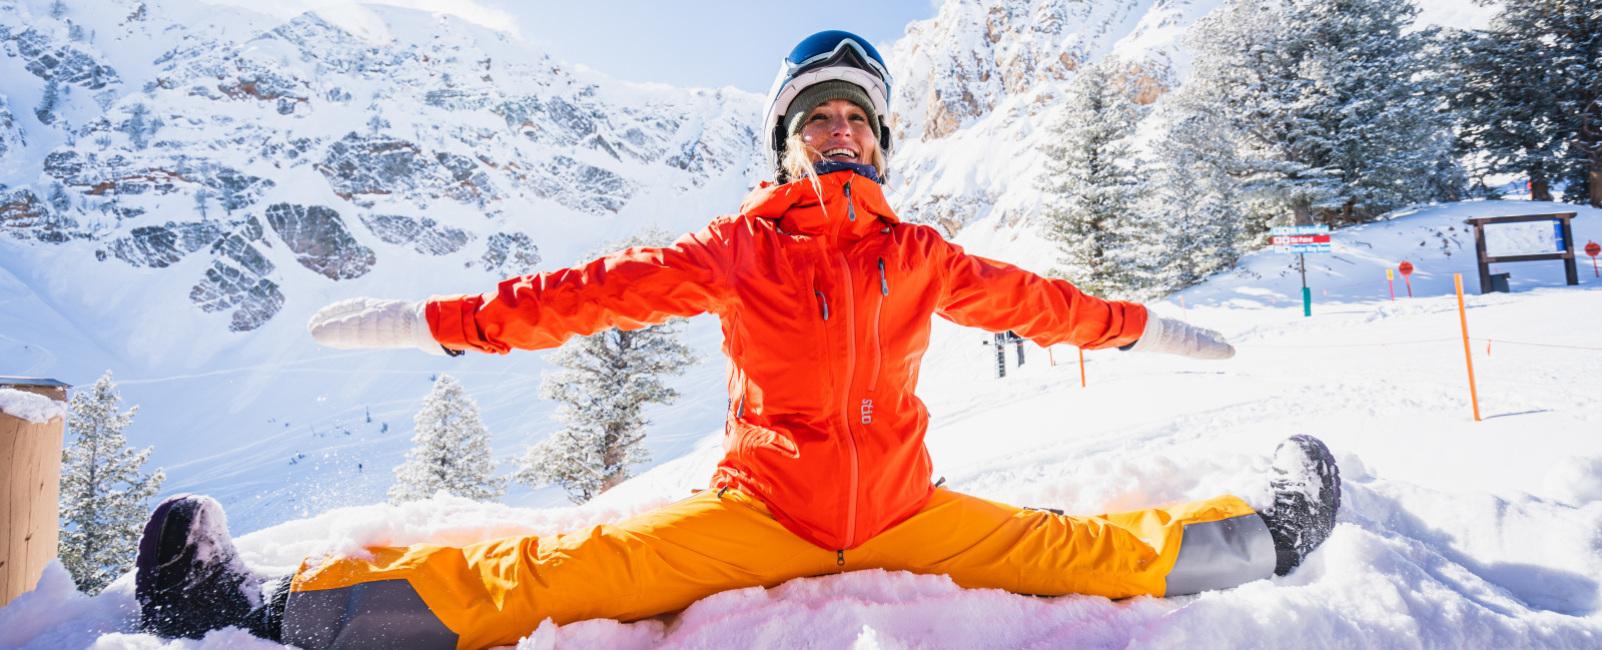 30 Day Ski Prep Workout